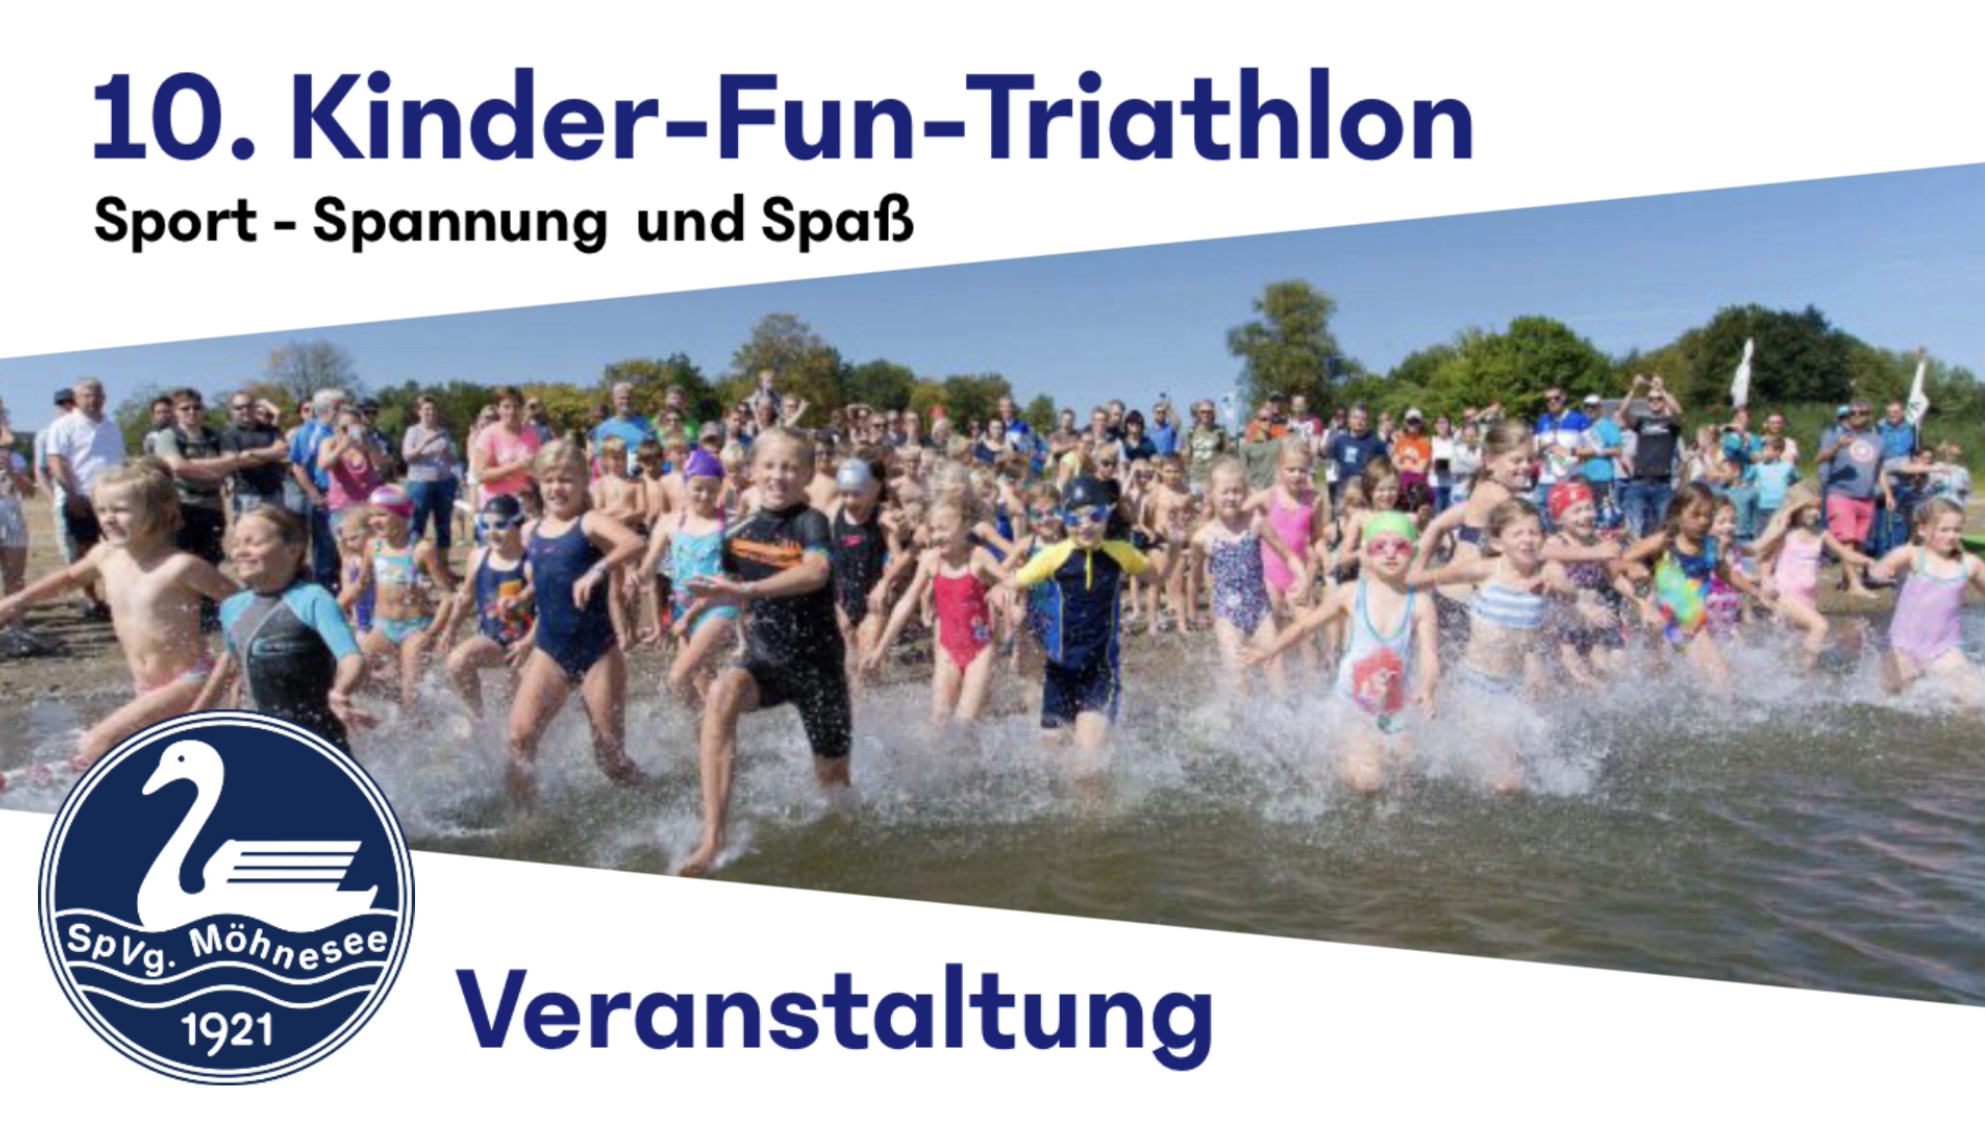 10. Kinder-Fun-Triathlon verspricht Sport, Spannung und Spaß